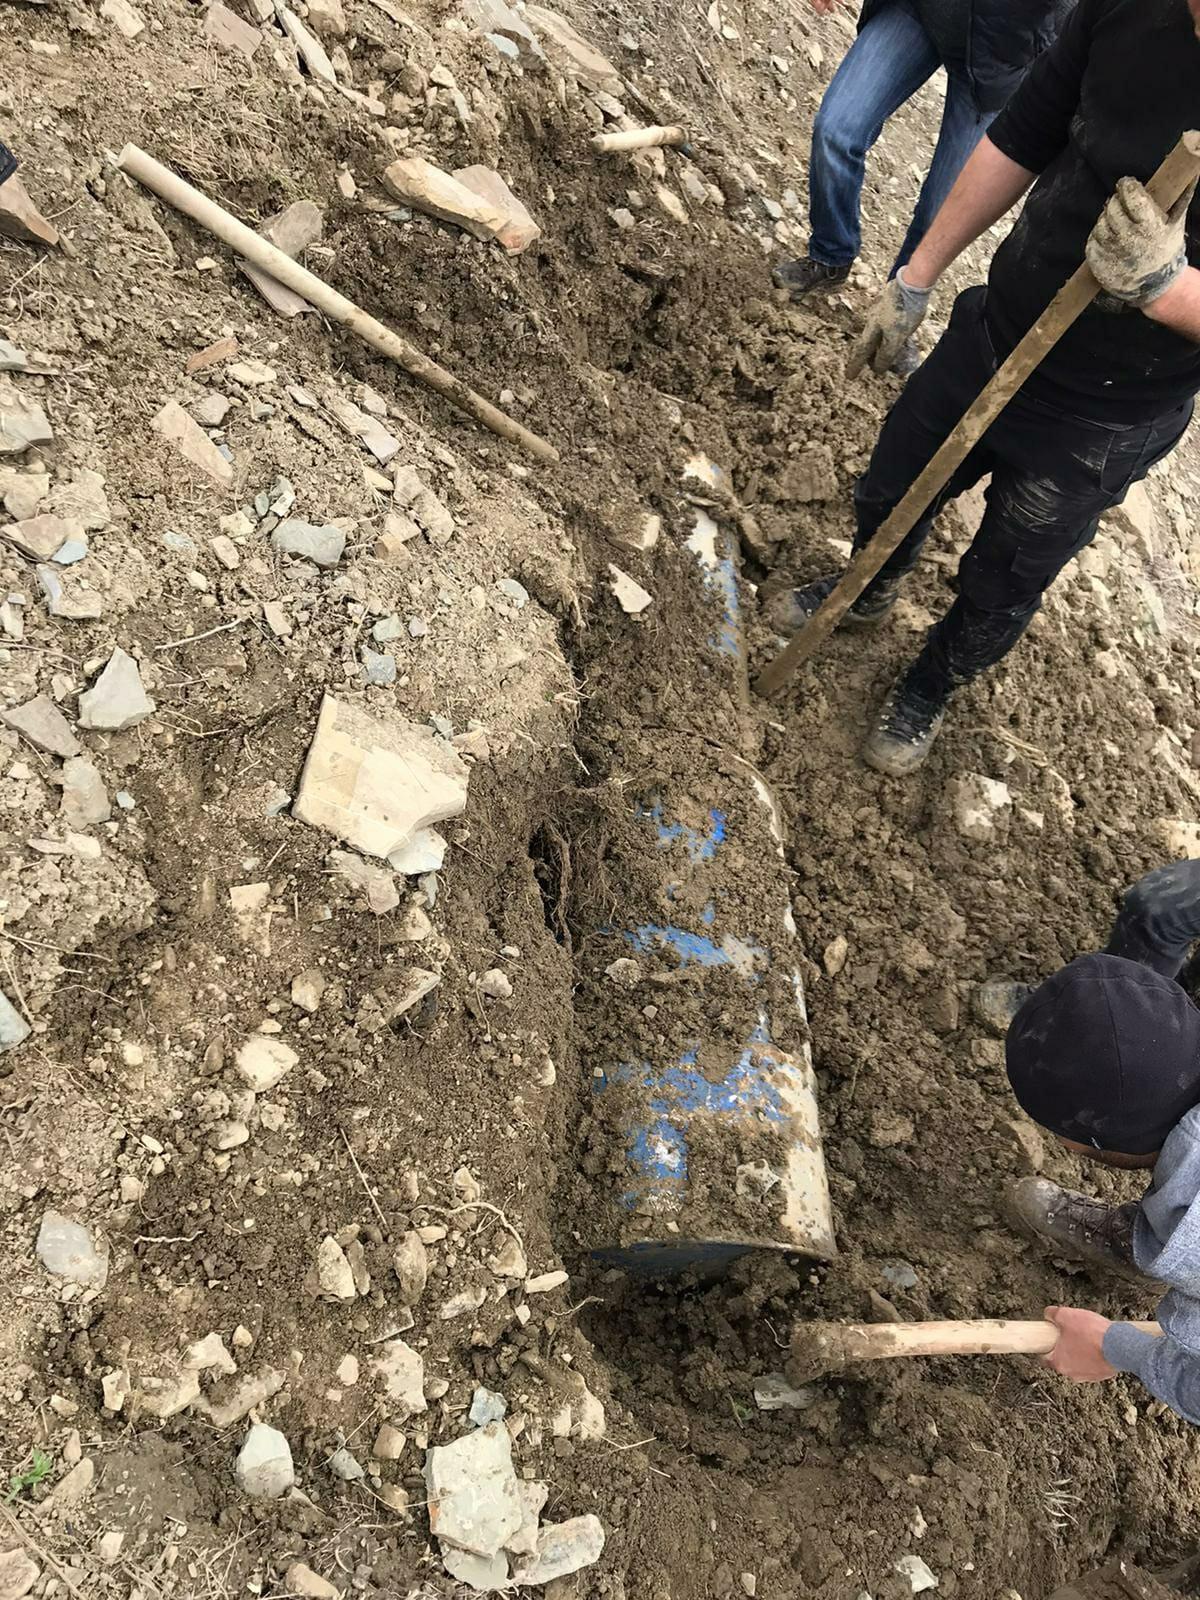 Hakkari'de uyuşturucu yapımında kullanılan malzemeler ele geçirildi